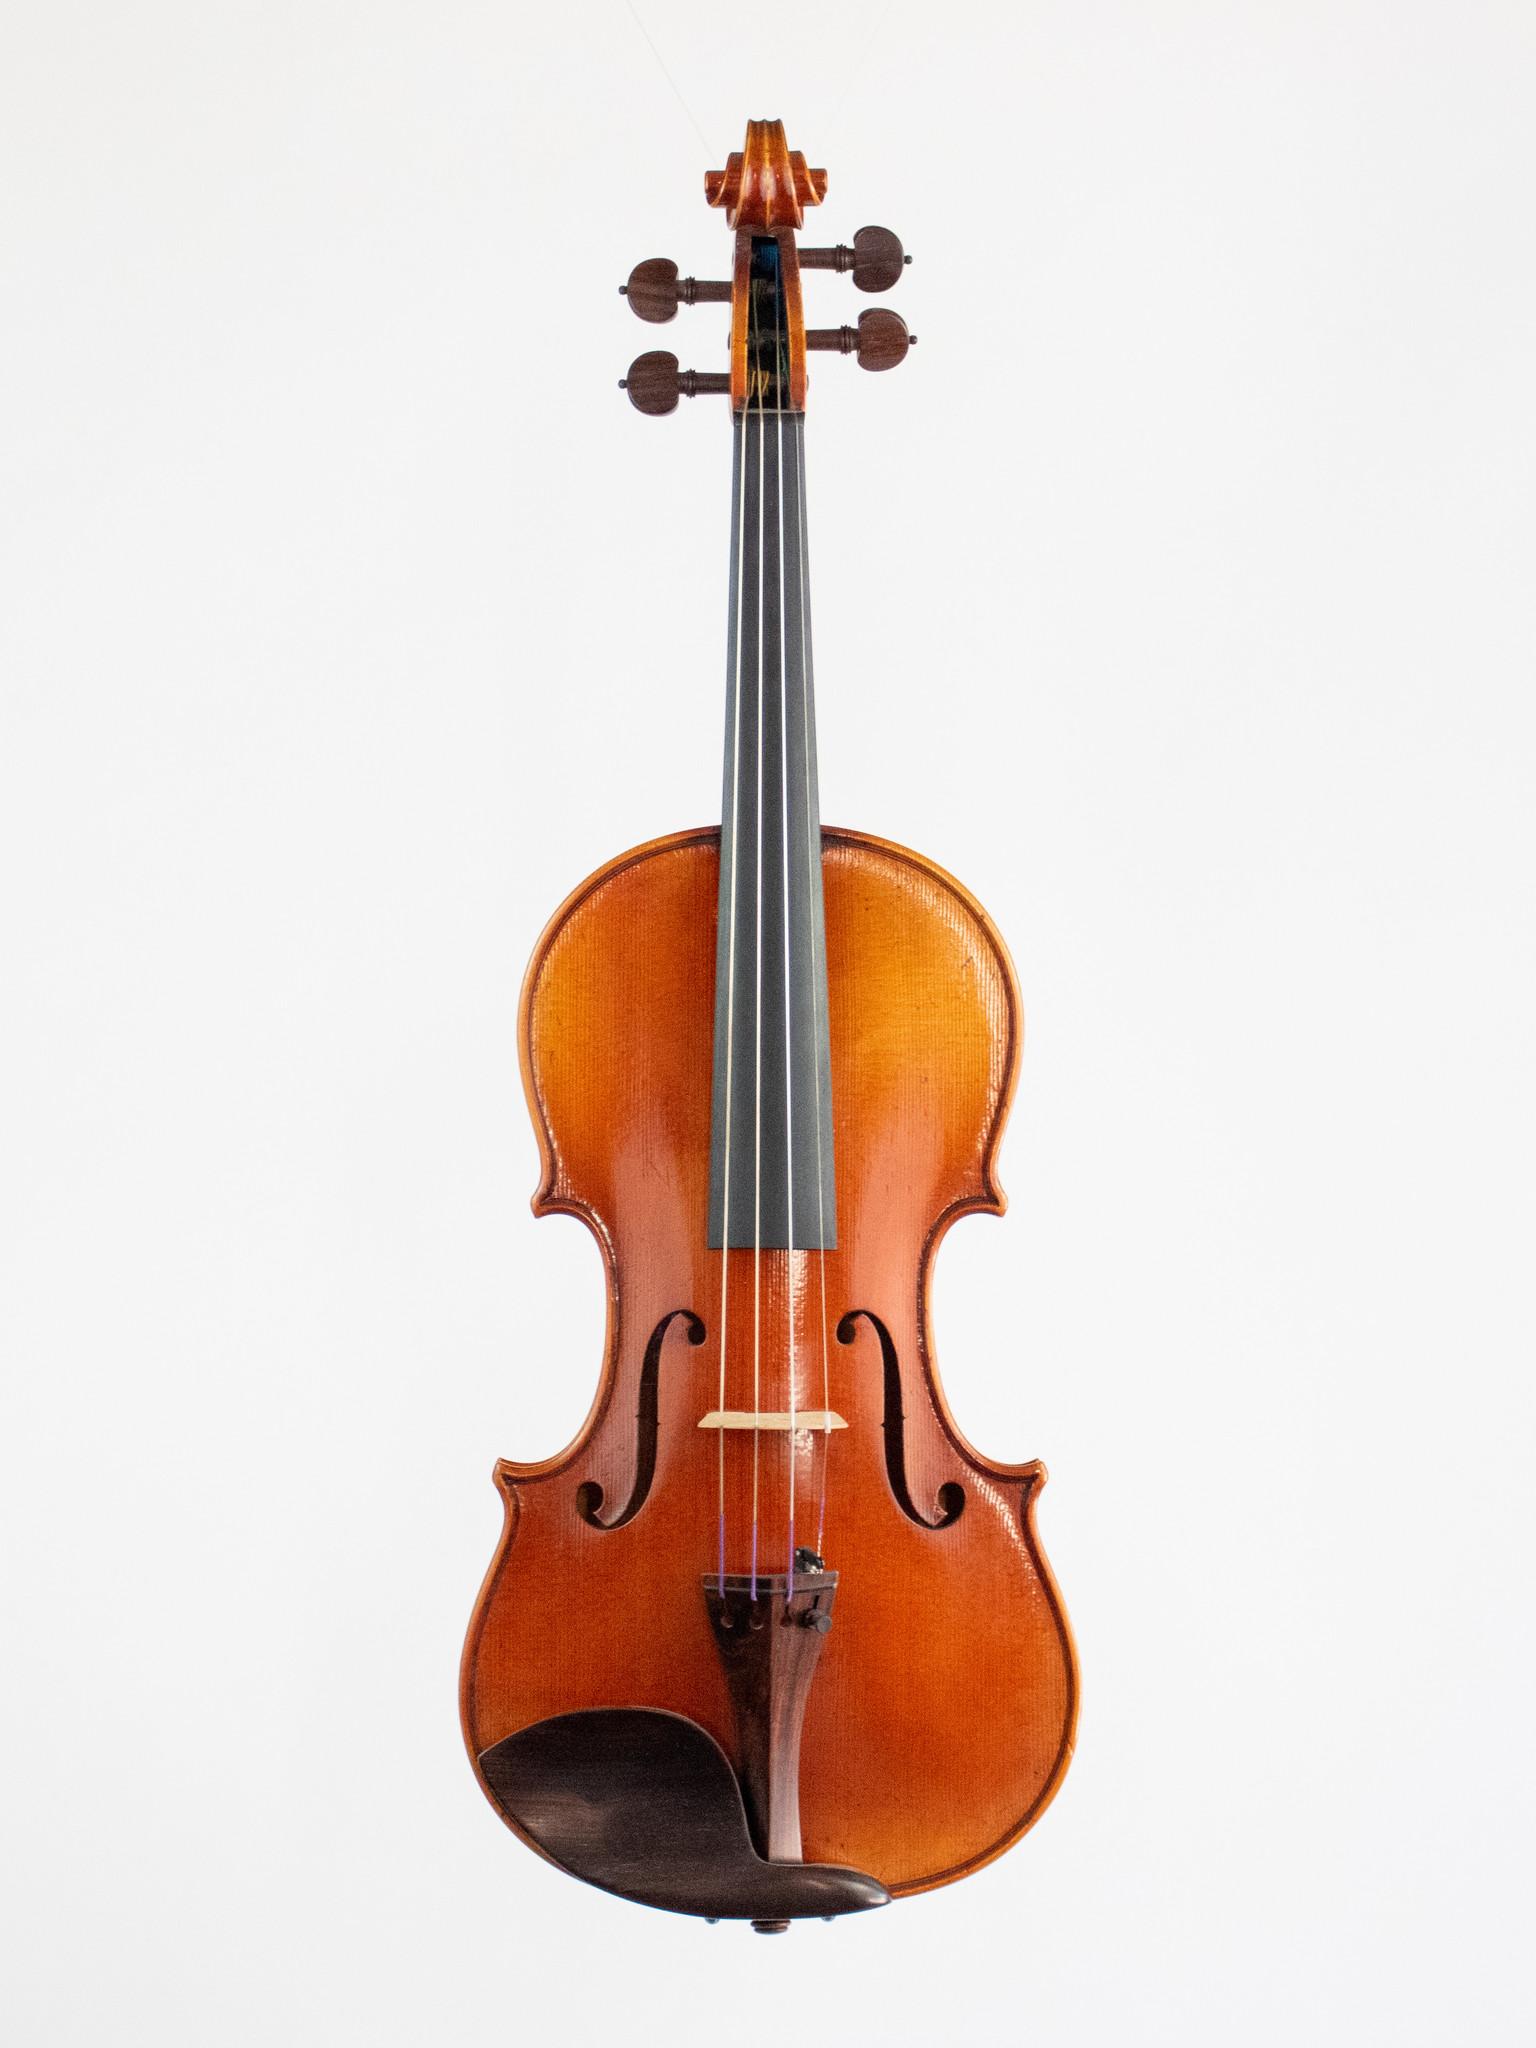 Heinrich Gill Heinrich Gill 4/4 violin, model X5, Bubenreuth, Germany